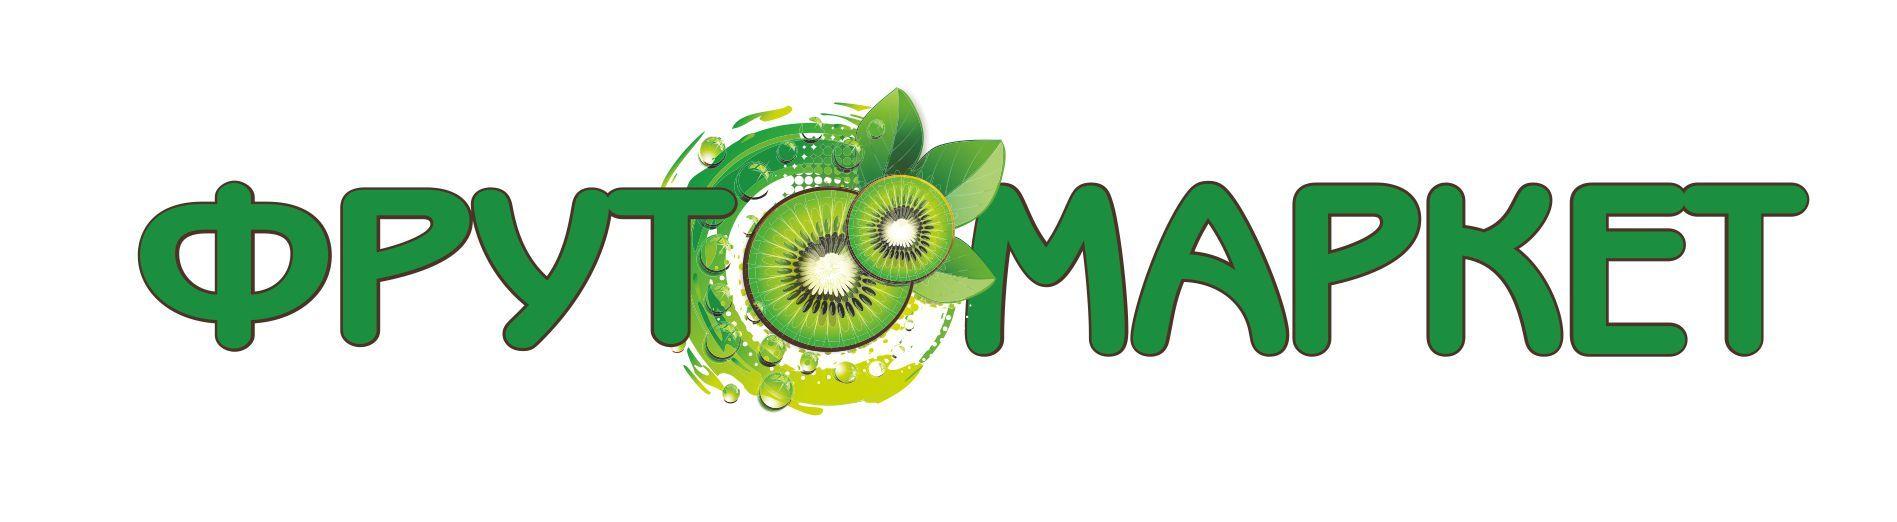 Логотип-вывеска фруктово-овощных магазинов премиум - дизайнер yackoff